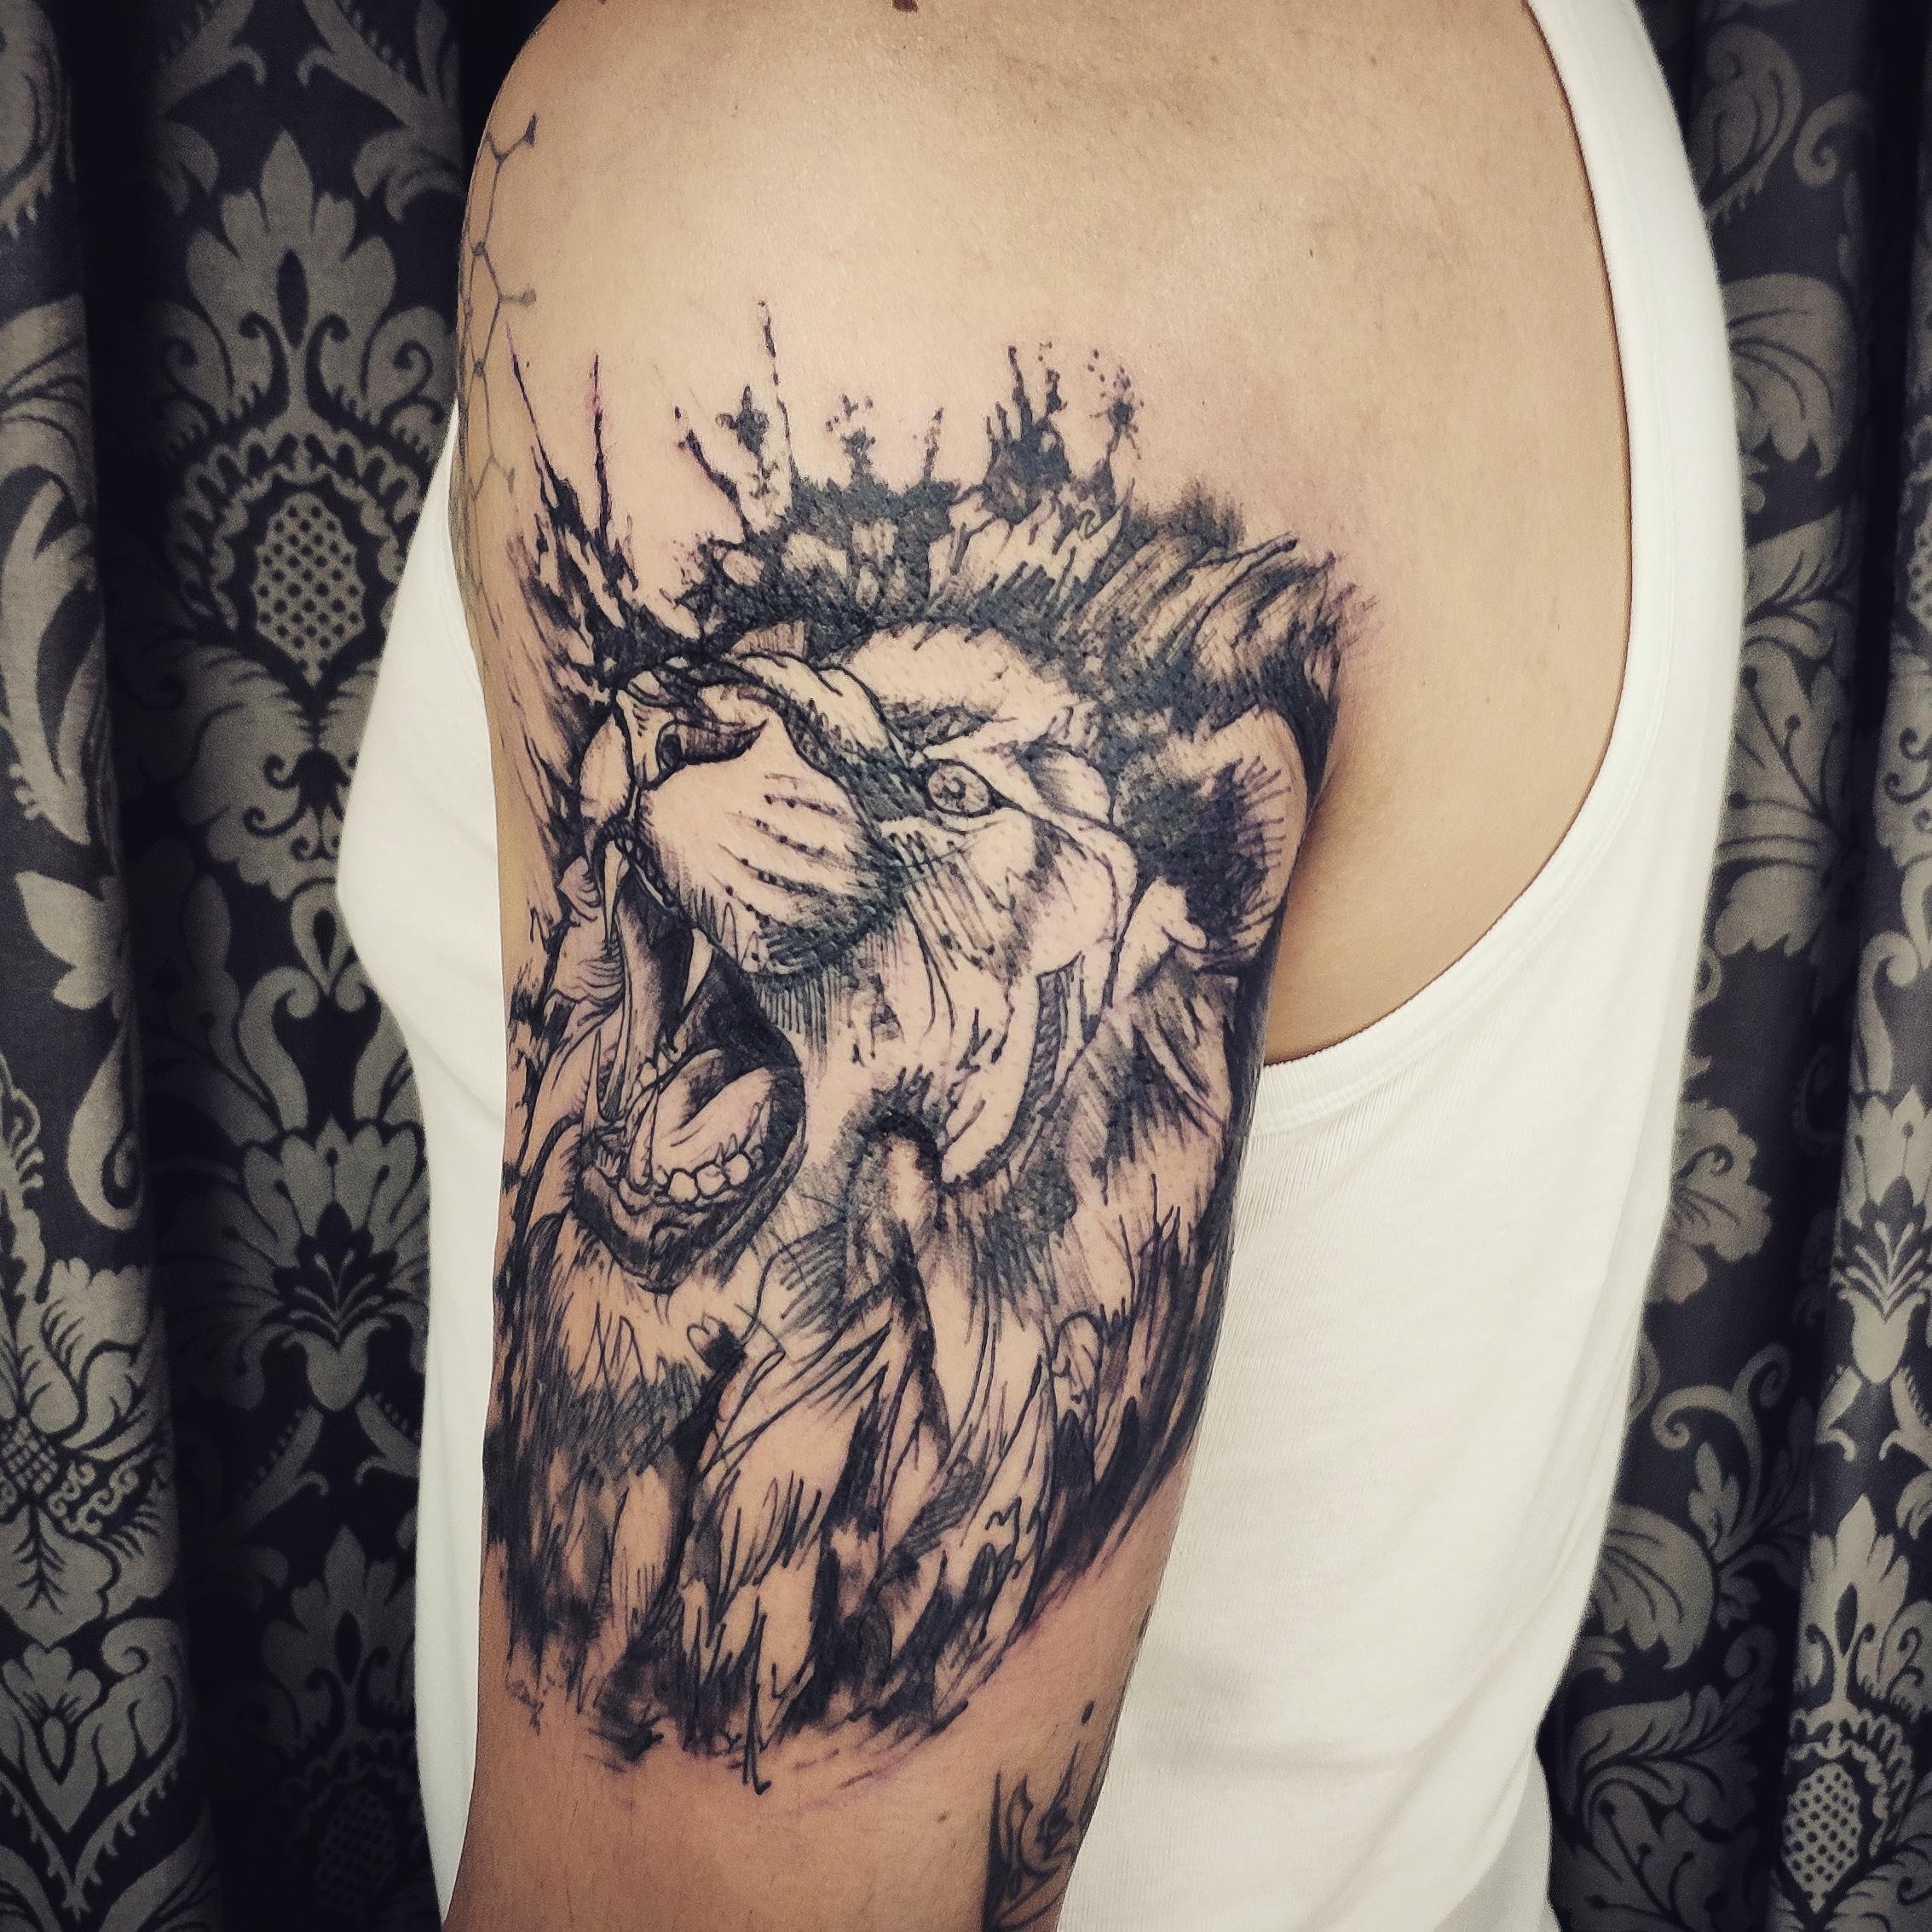 geometria, tatuajegeometrico, madridtattoo, tattooshopmadrid, geometrictattoo, lineamuyfina, tatuajelineafina, finelinetattoo, fineline, hiperfineline, mejorestatuajesmadrid, lineafinamadrid, puntillismomadrid, sketchtattoo